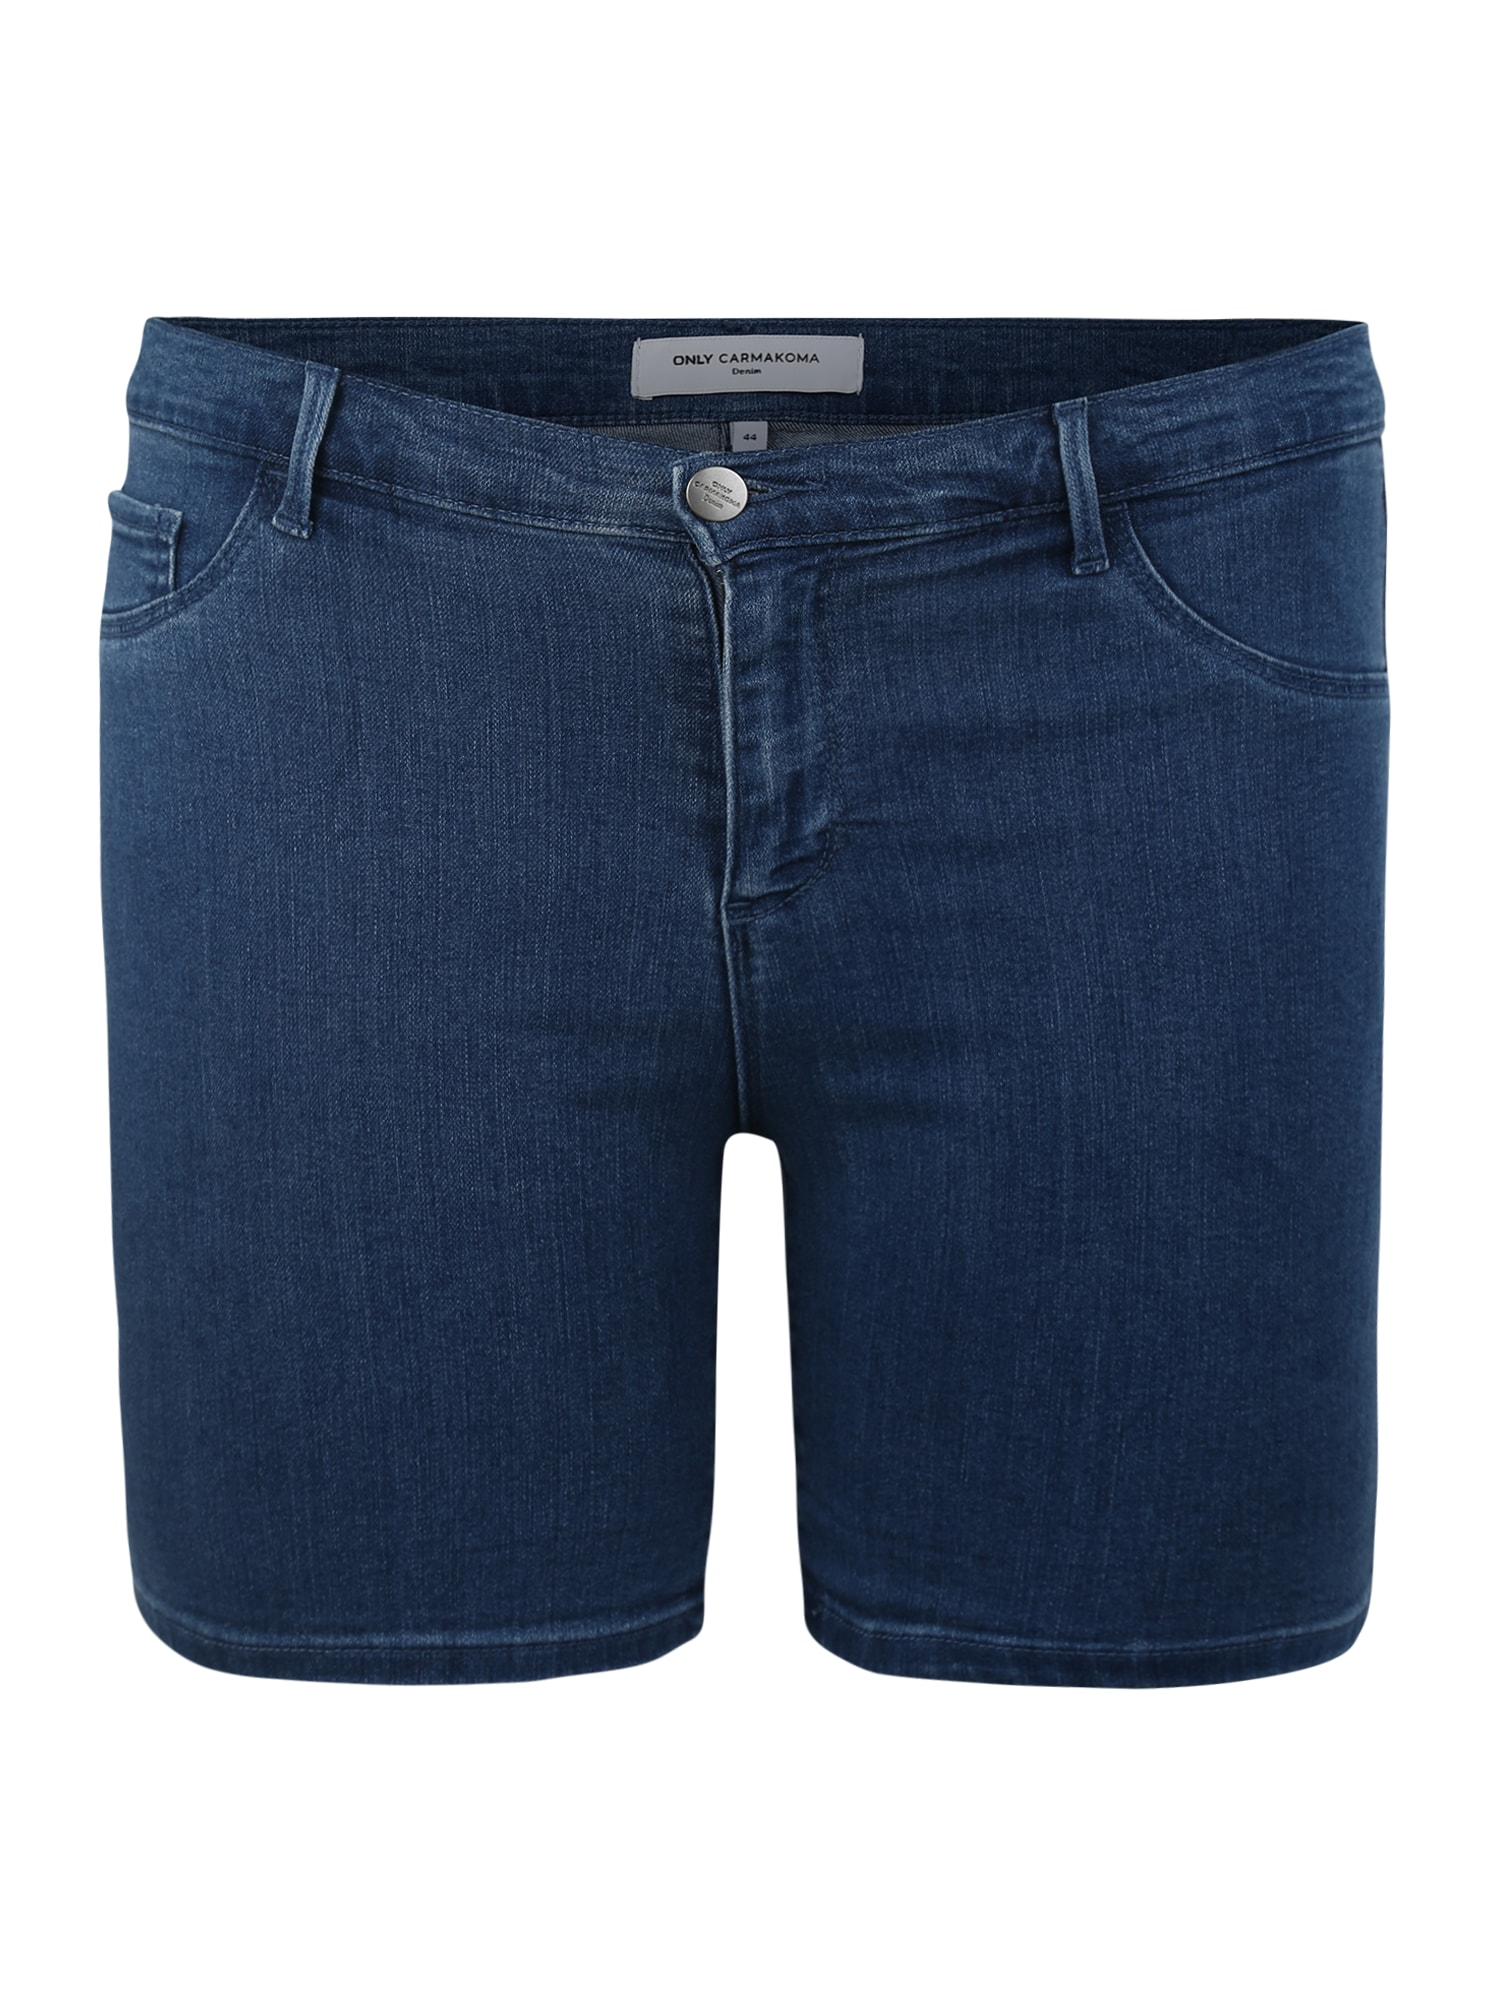 Kalhoty modrá ONLY Carmakoma